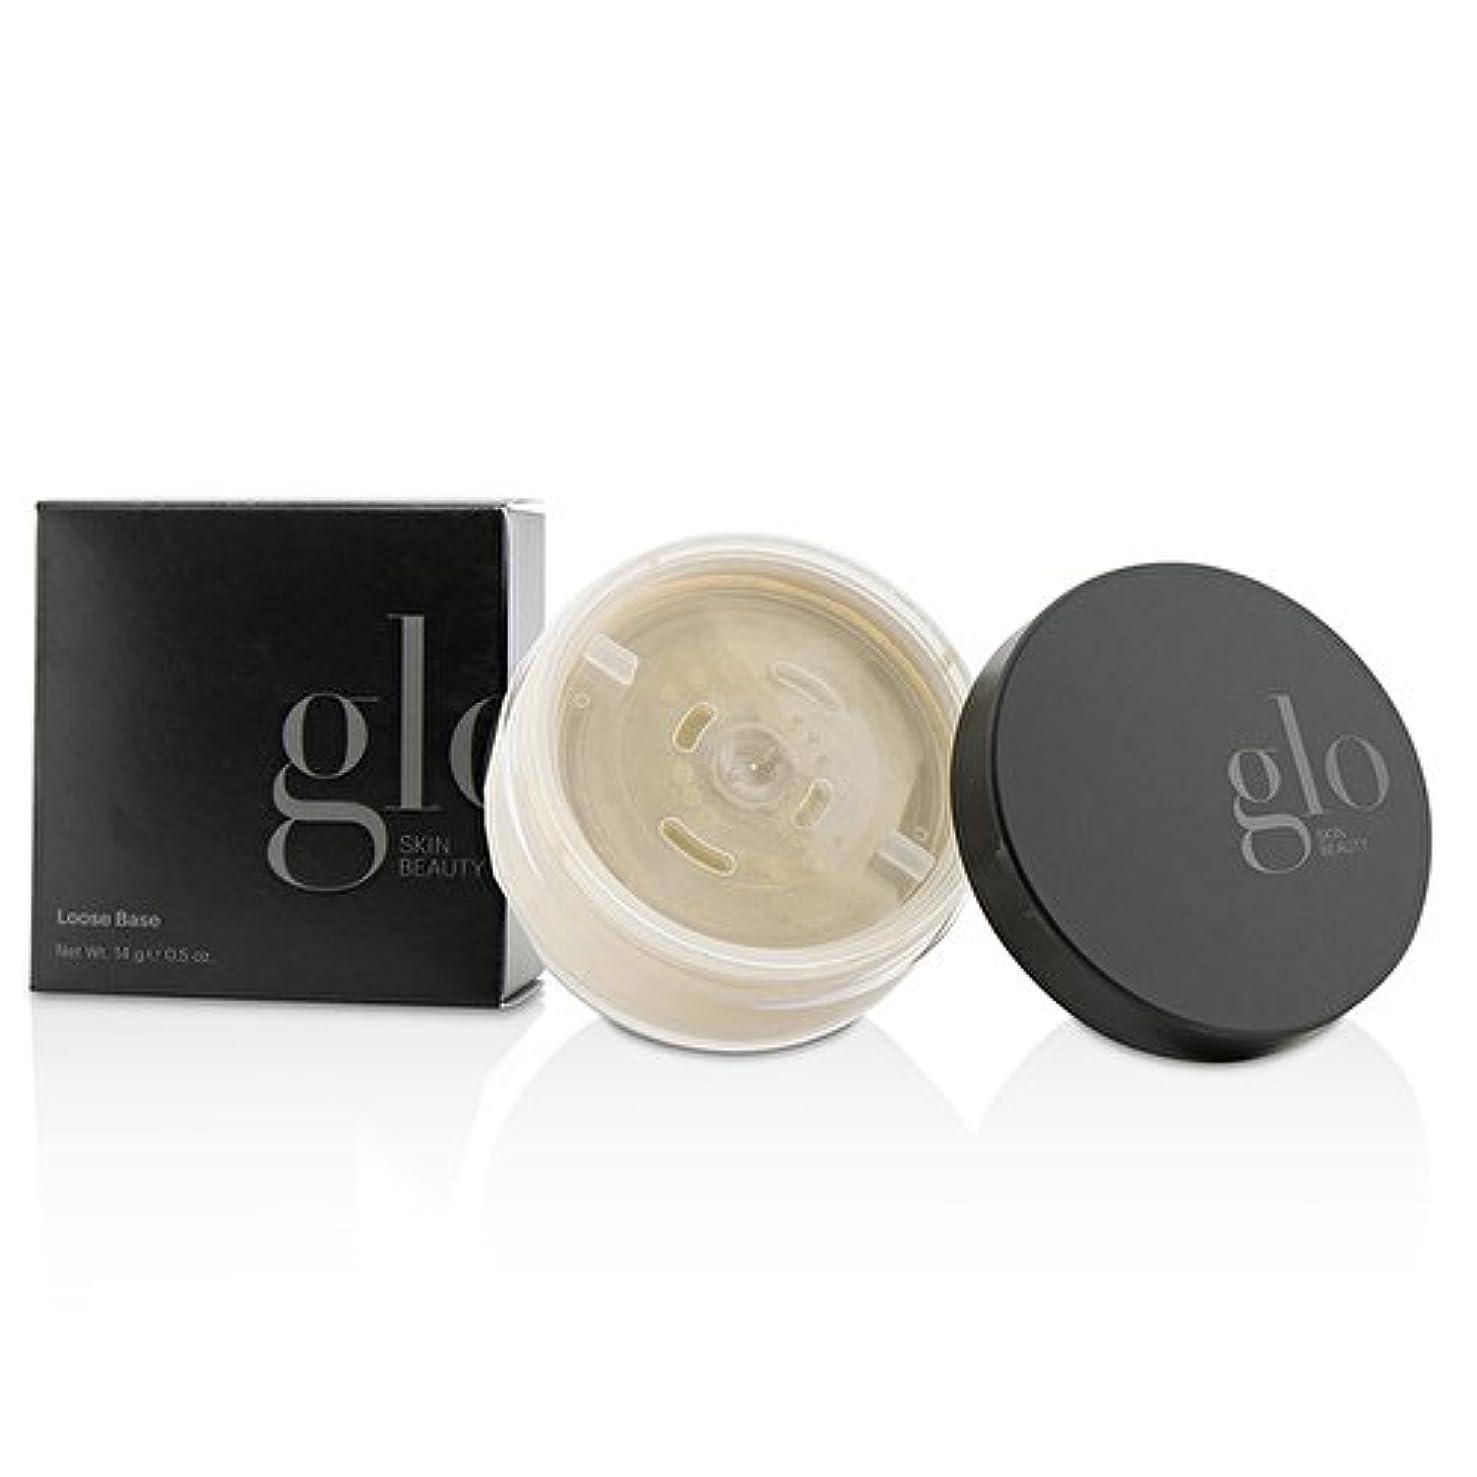 メーターブラウズ郊外Glo Skin Beauty Loose Base (Mineral Foundation) - # Natural Fair 14g/0.5oz並行輸入品